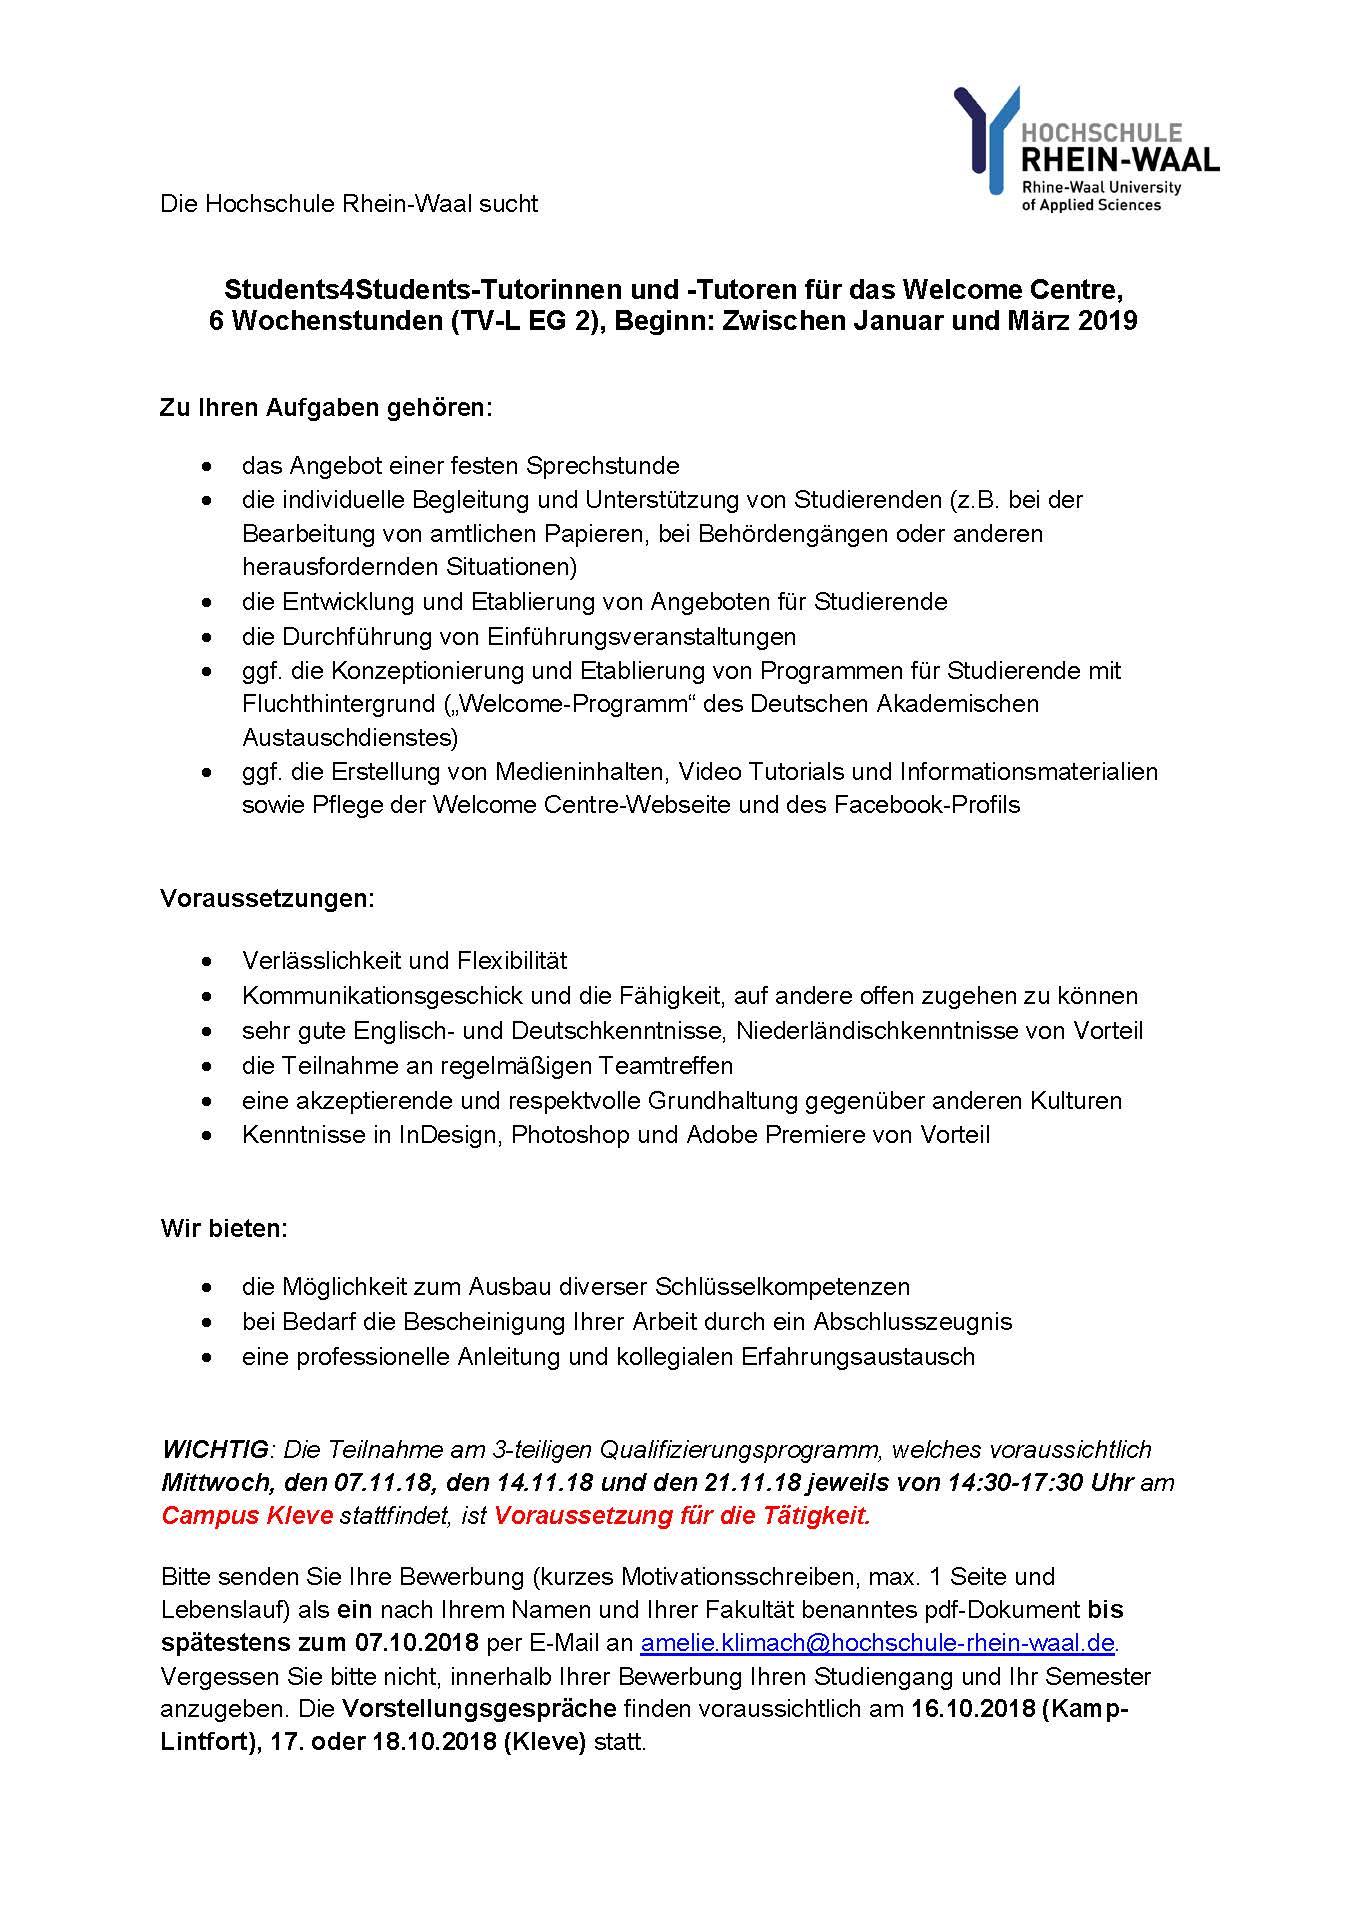 Oktober 2018 endet die Bewerbungsfrist. Weitere Informationen entnehmen Sie  bitte der Stellenausschreibung.